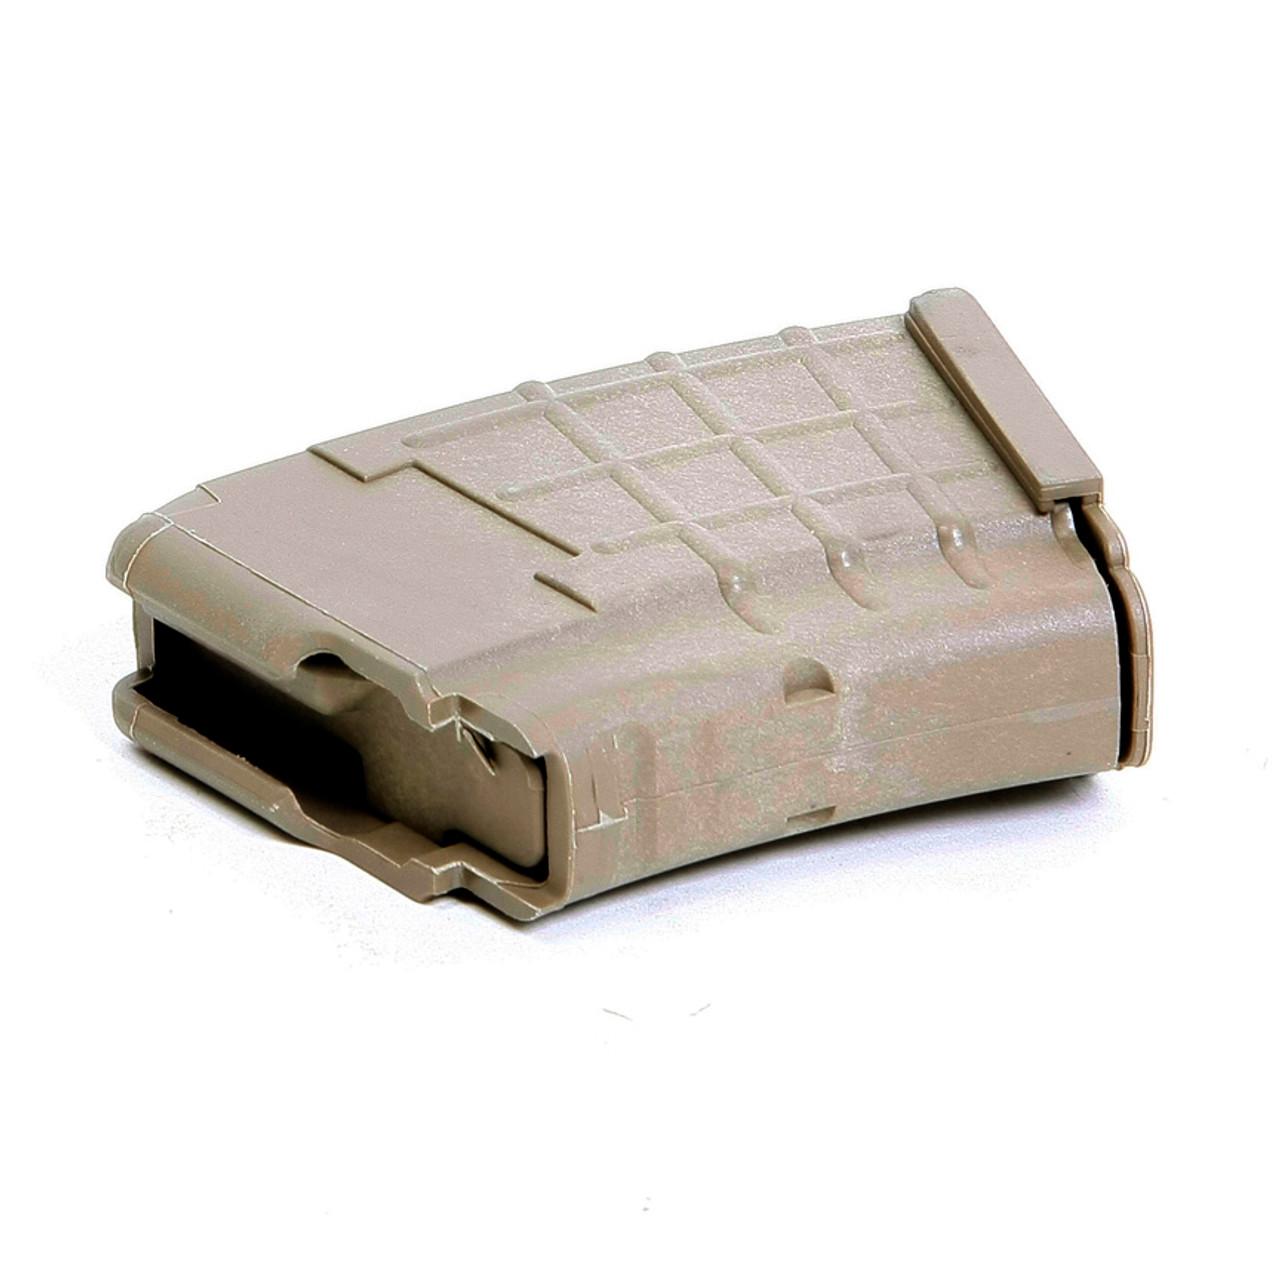 AK-47® 7.62x39mm (5) Rd - Tan Polymer